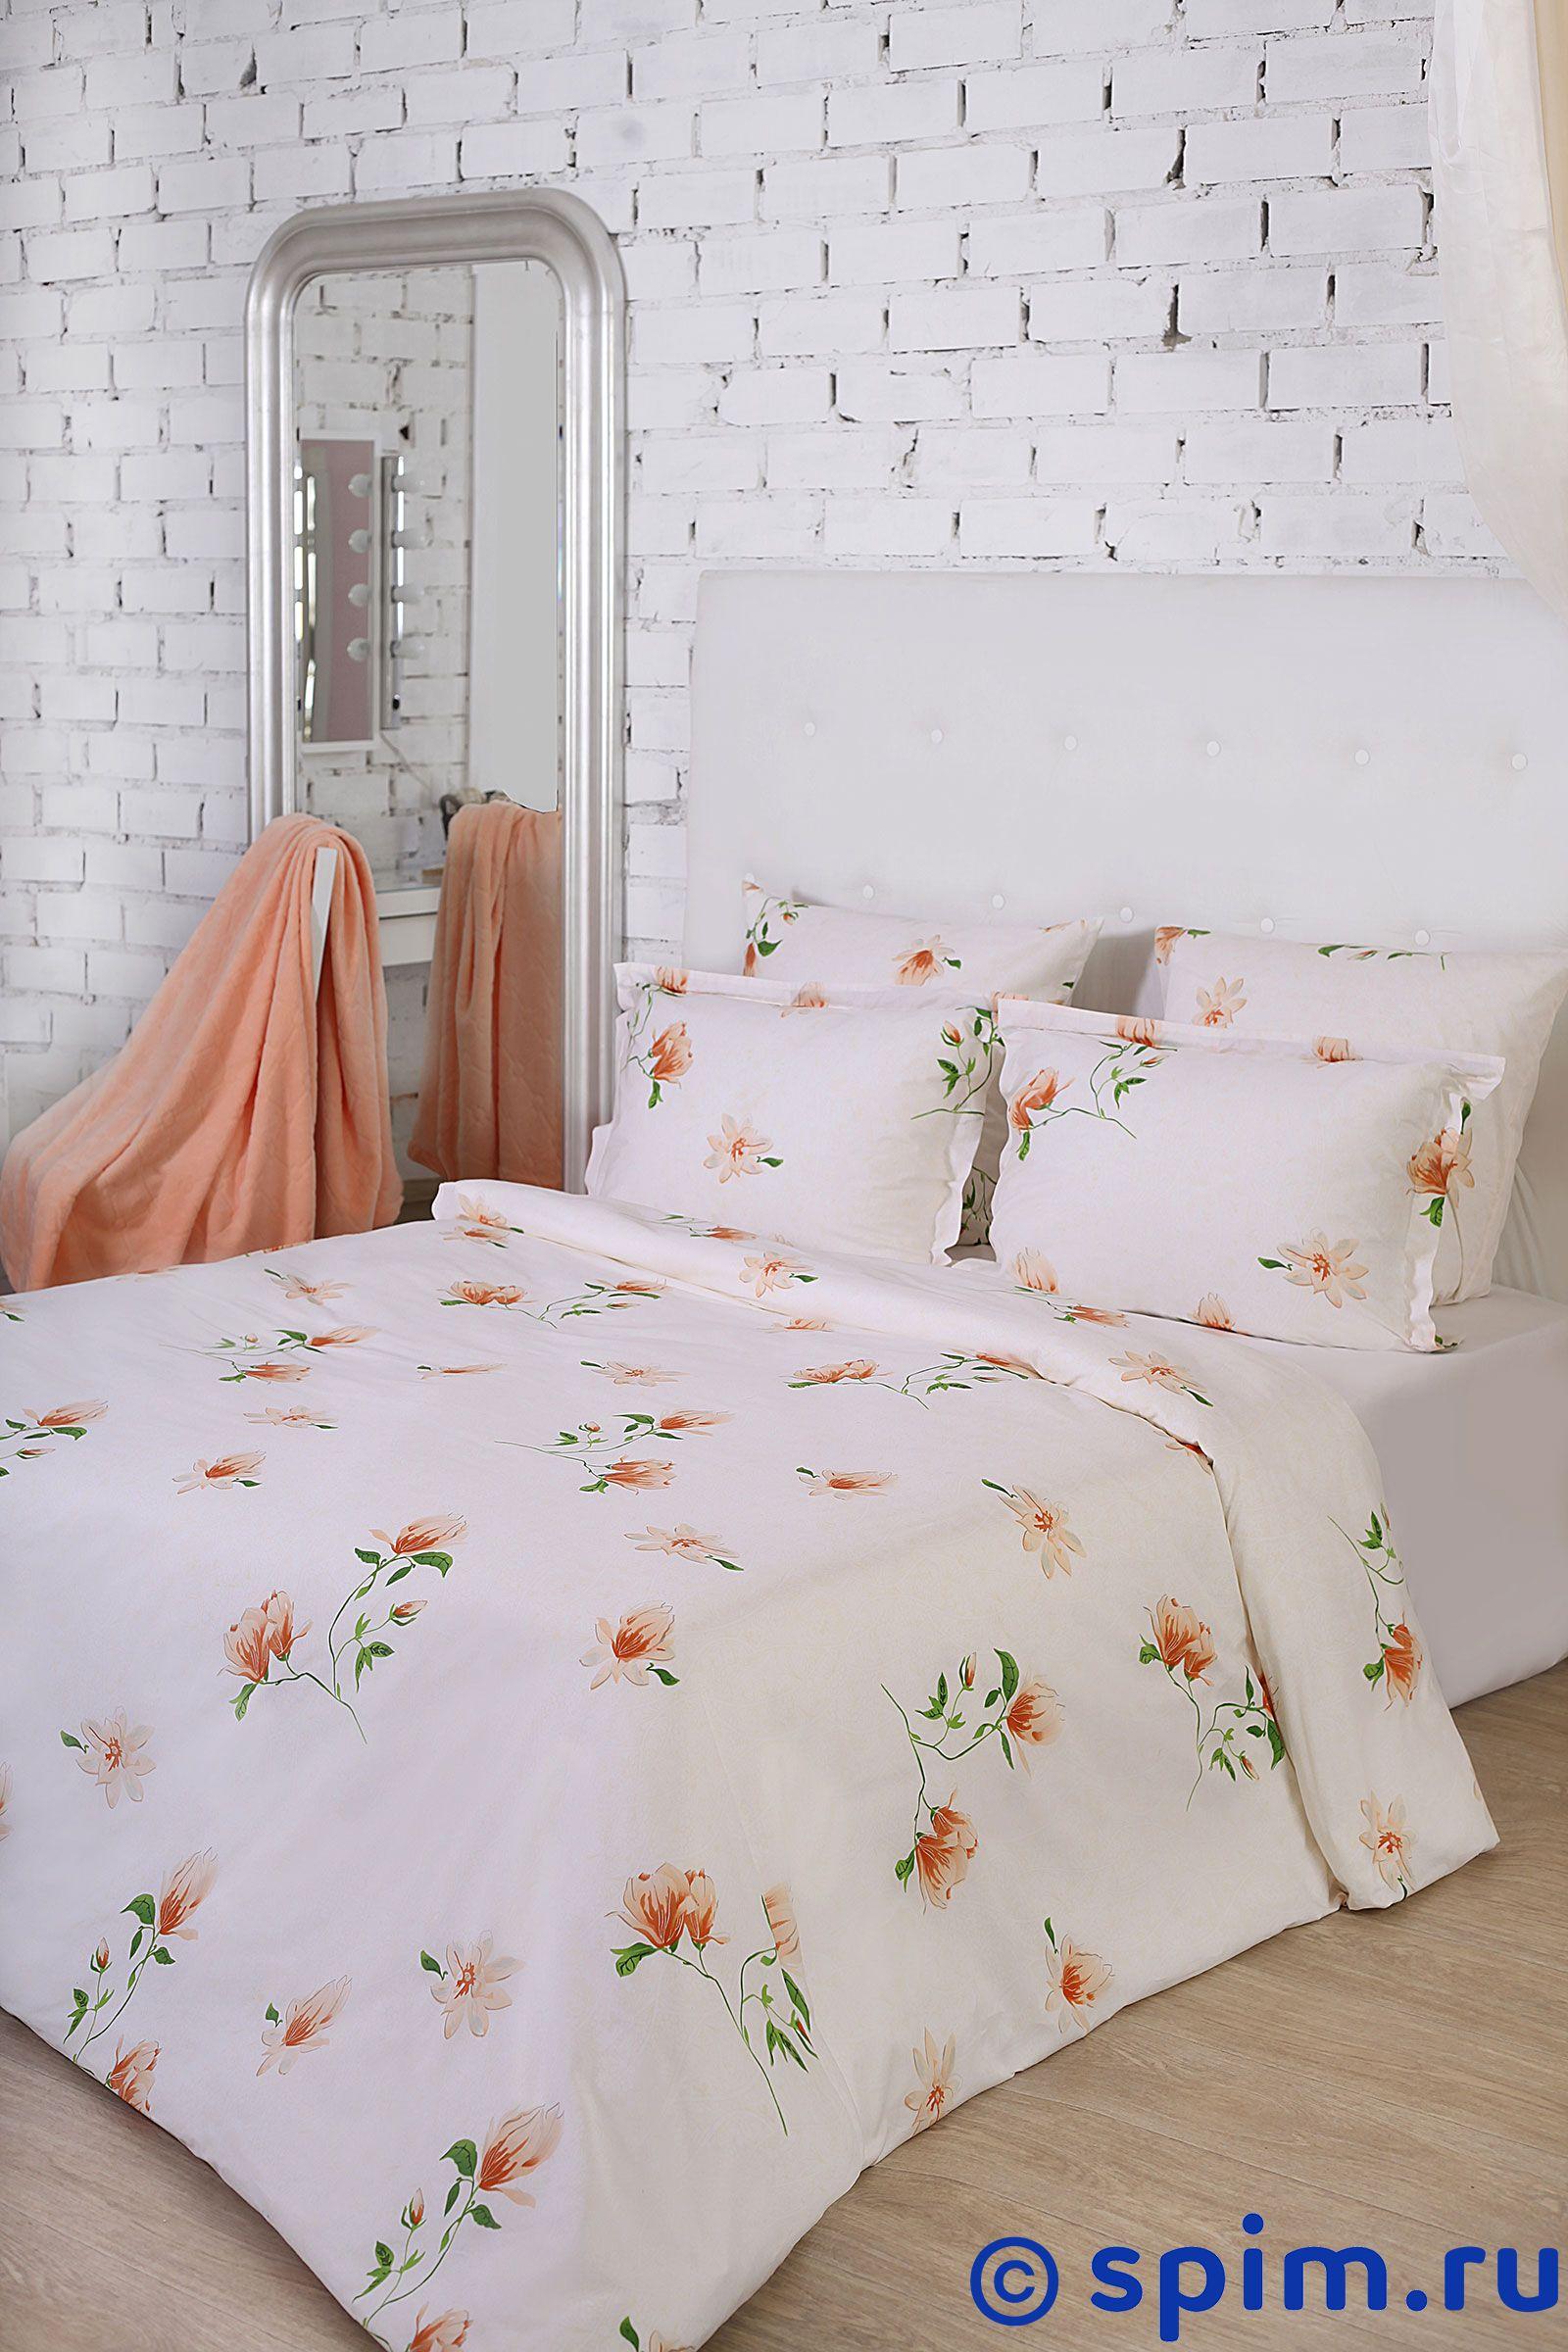 Комплект La Prima Идиллия 1.5 спальное